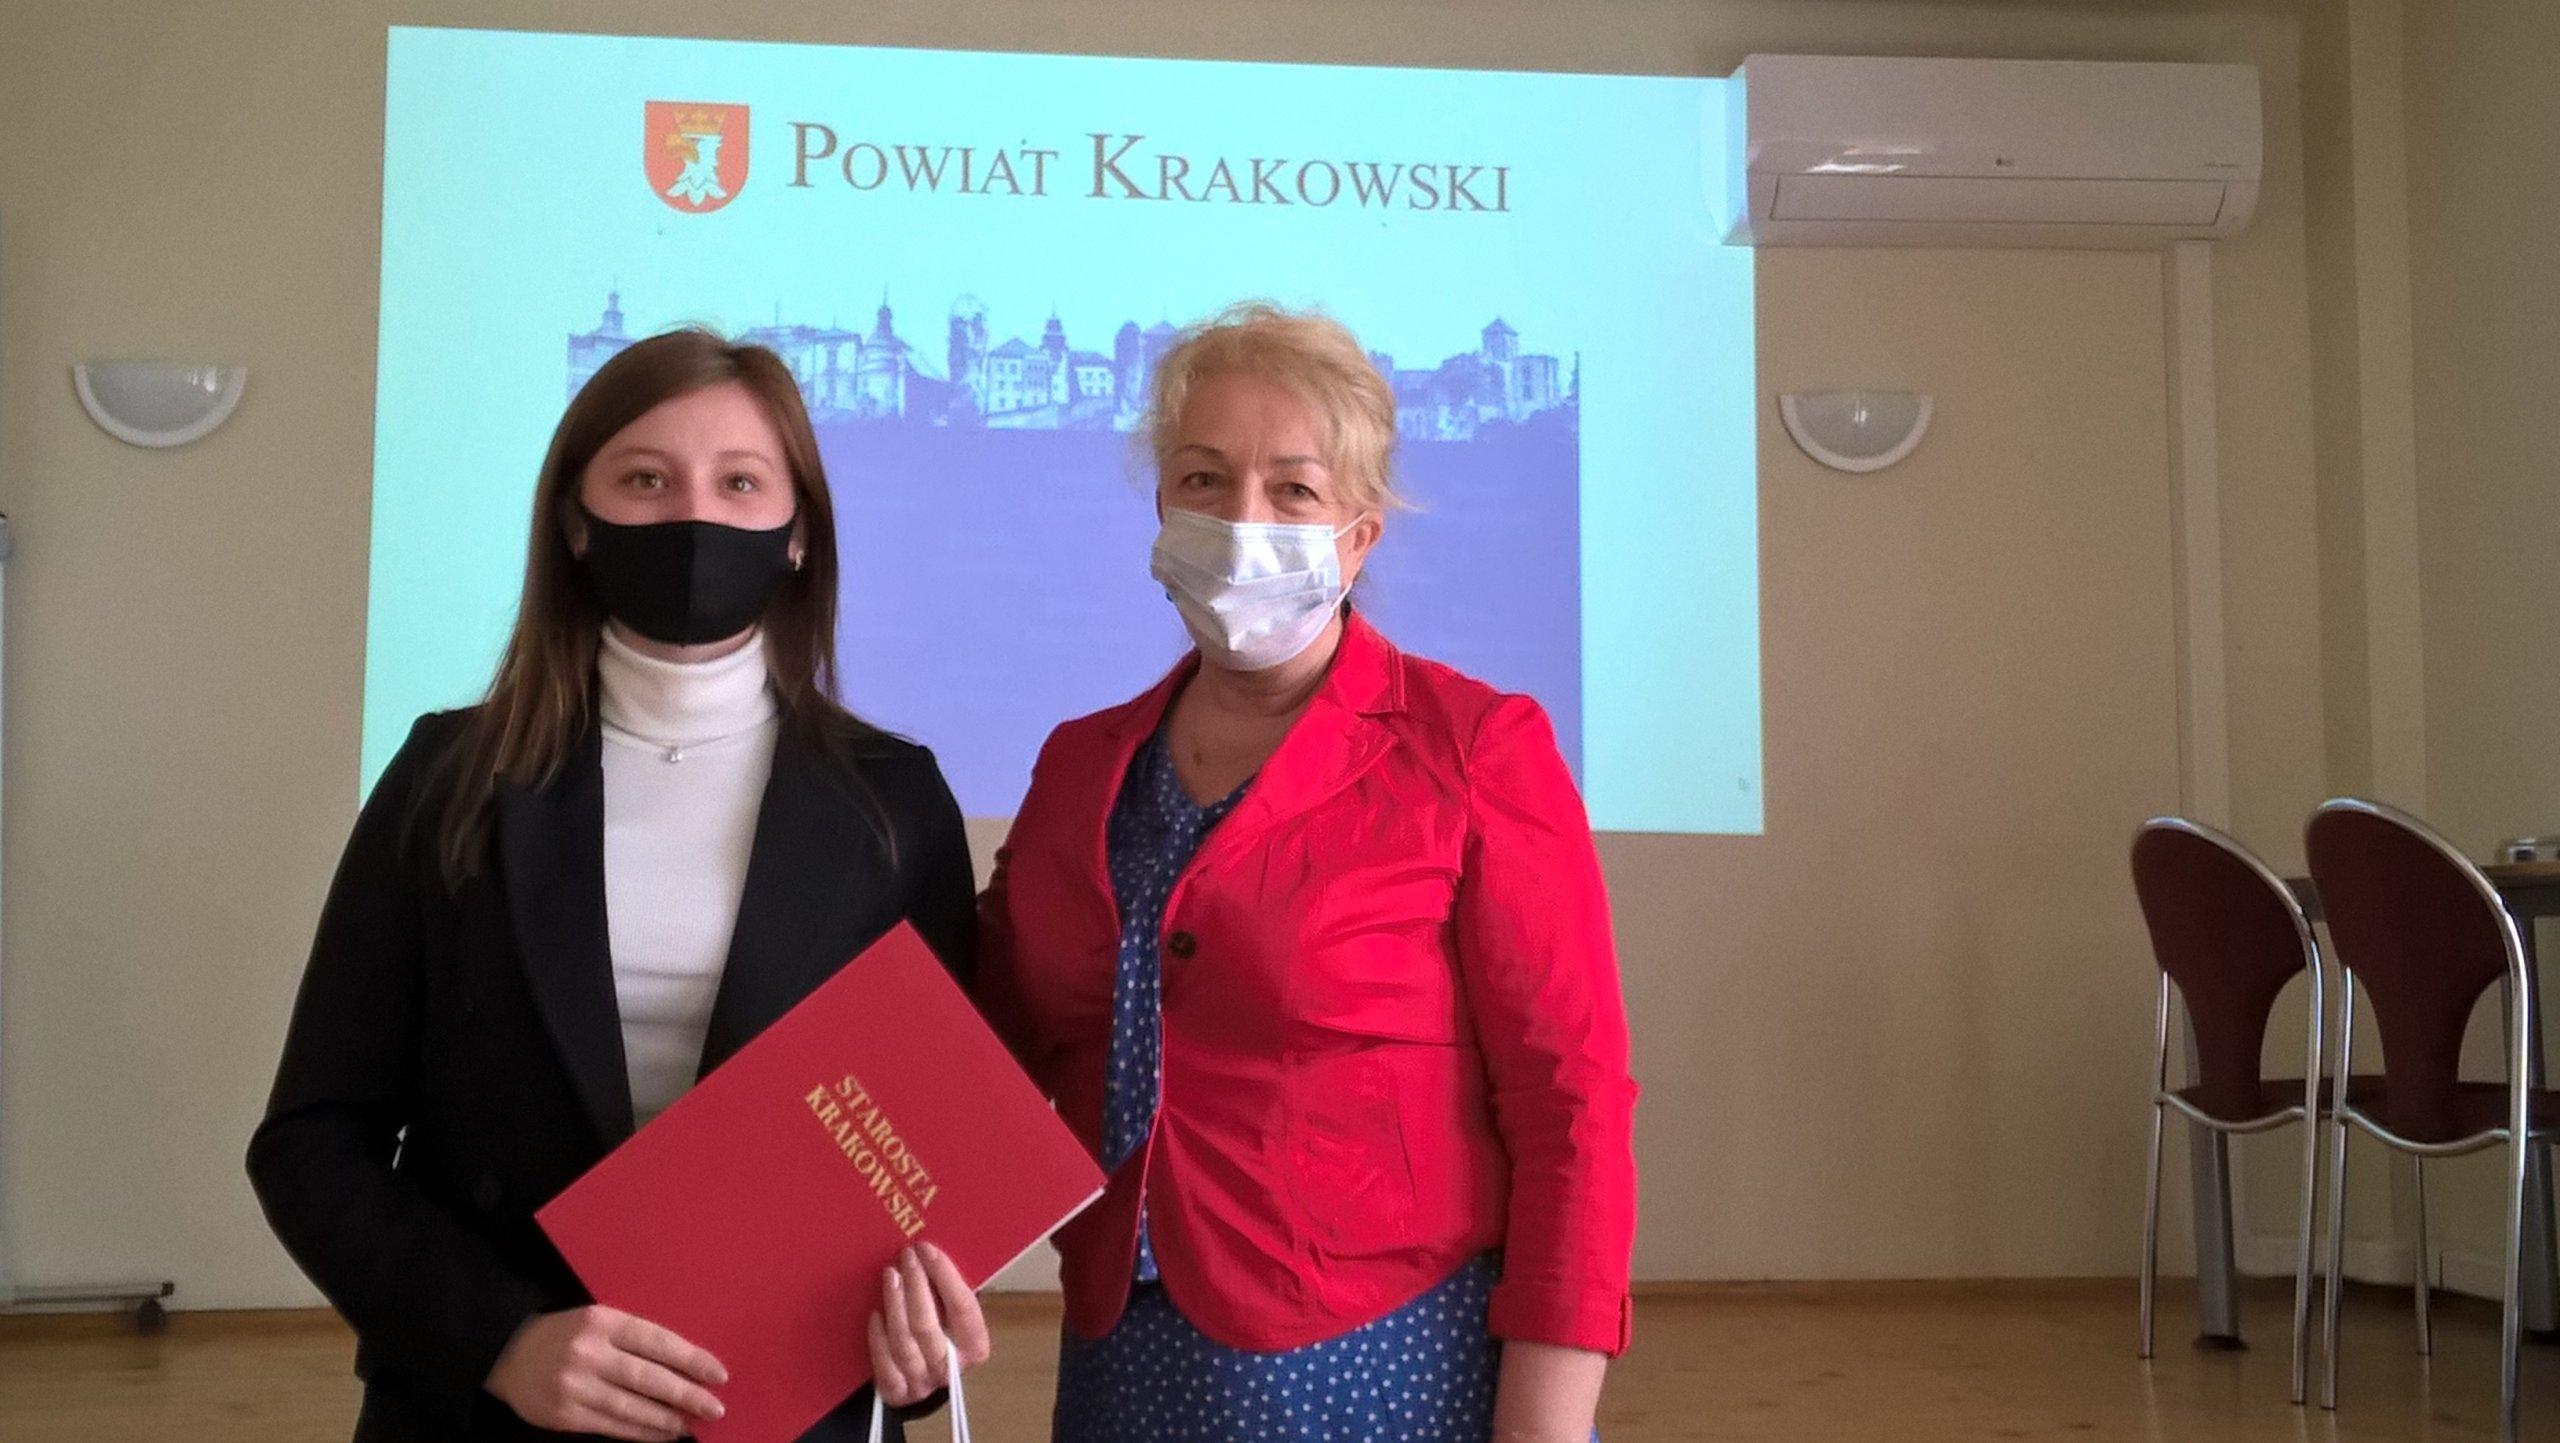 """Dwie osoby stoją przed tablicą z napisem 'POWIAT KRAKOWSKI"""". Jedna trzyma czerwoną teczką z napisem """"STAROSTA KRAKOWSKI""""."""